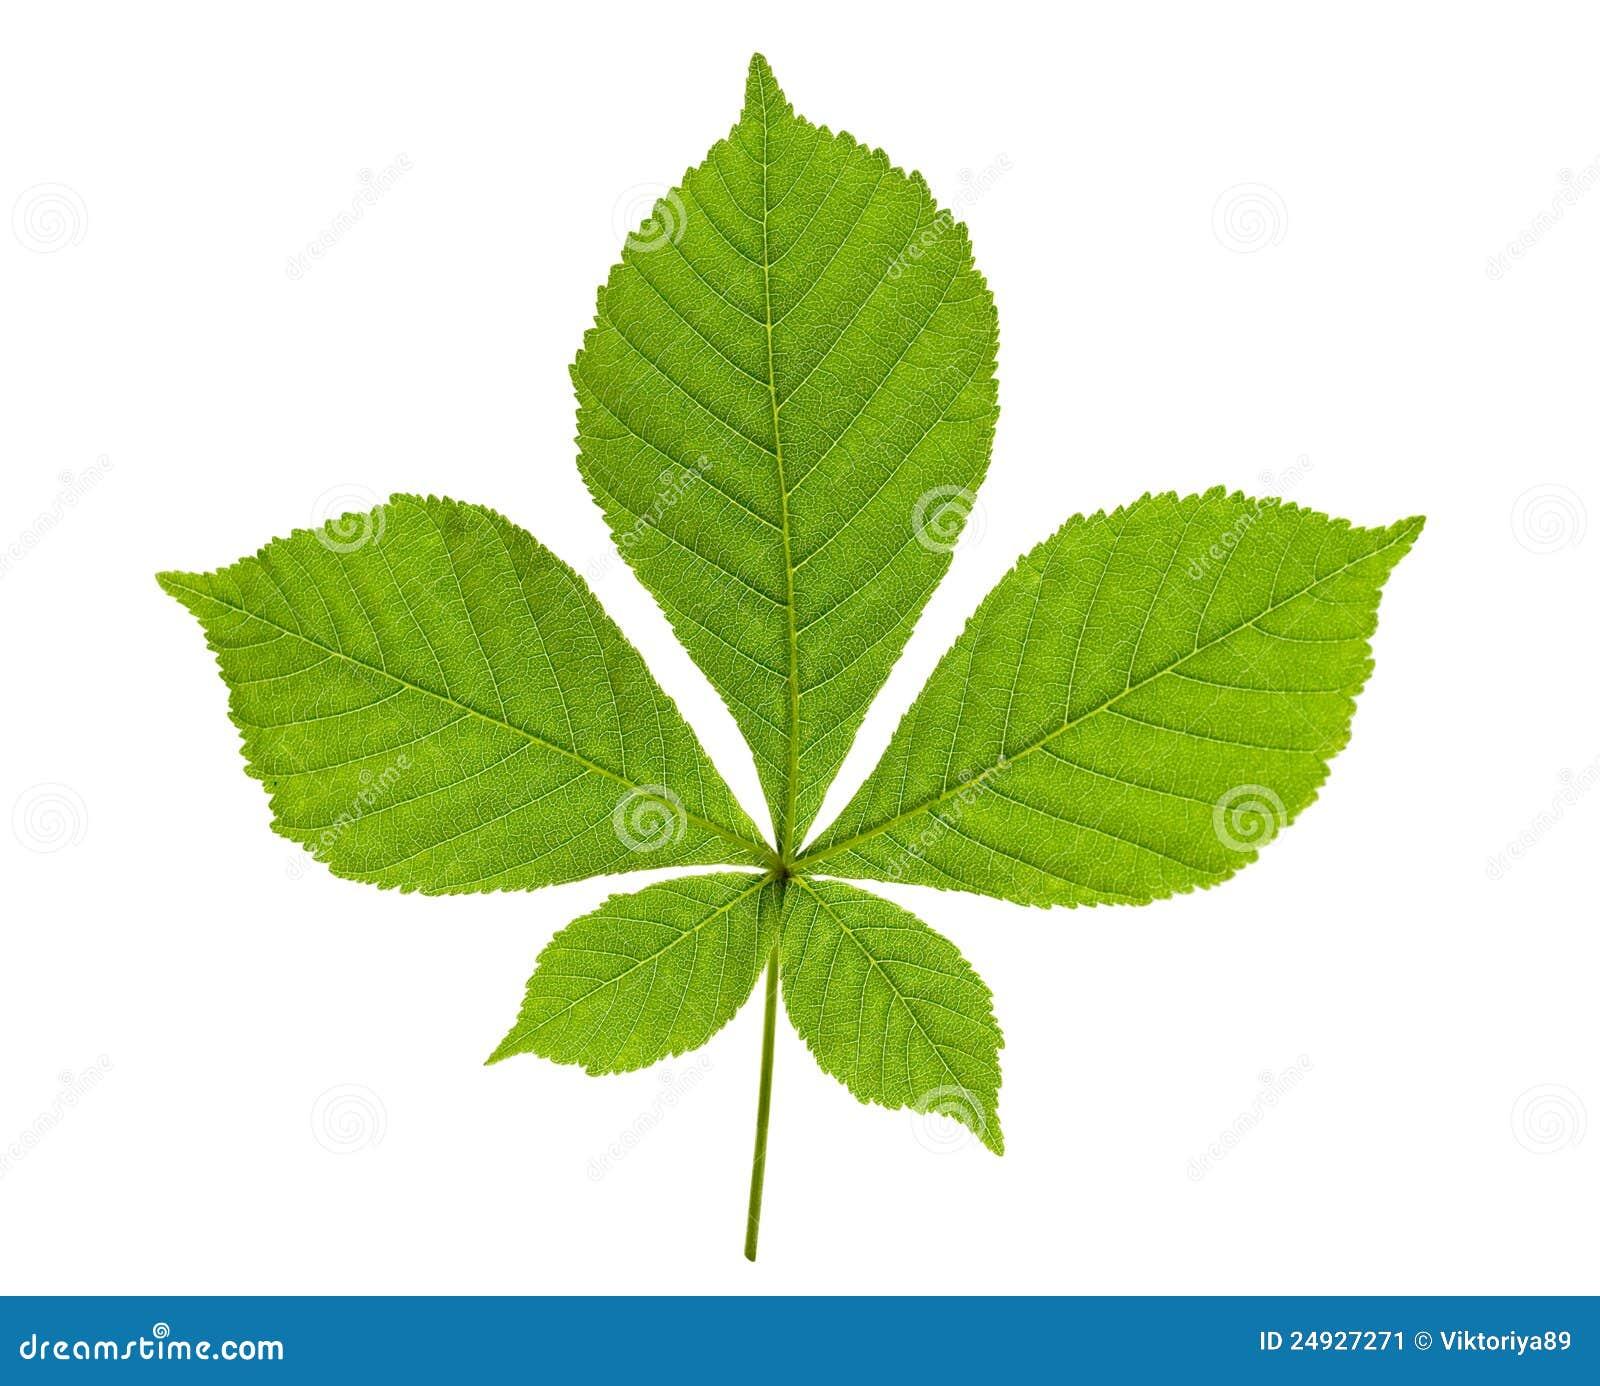 Chestnut Leaf Stock Image Image 24927271